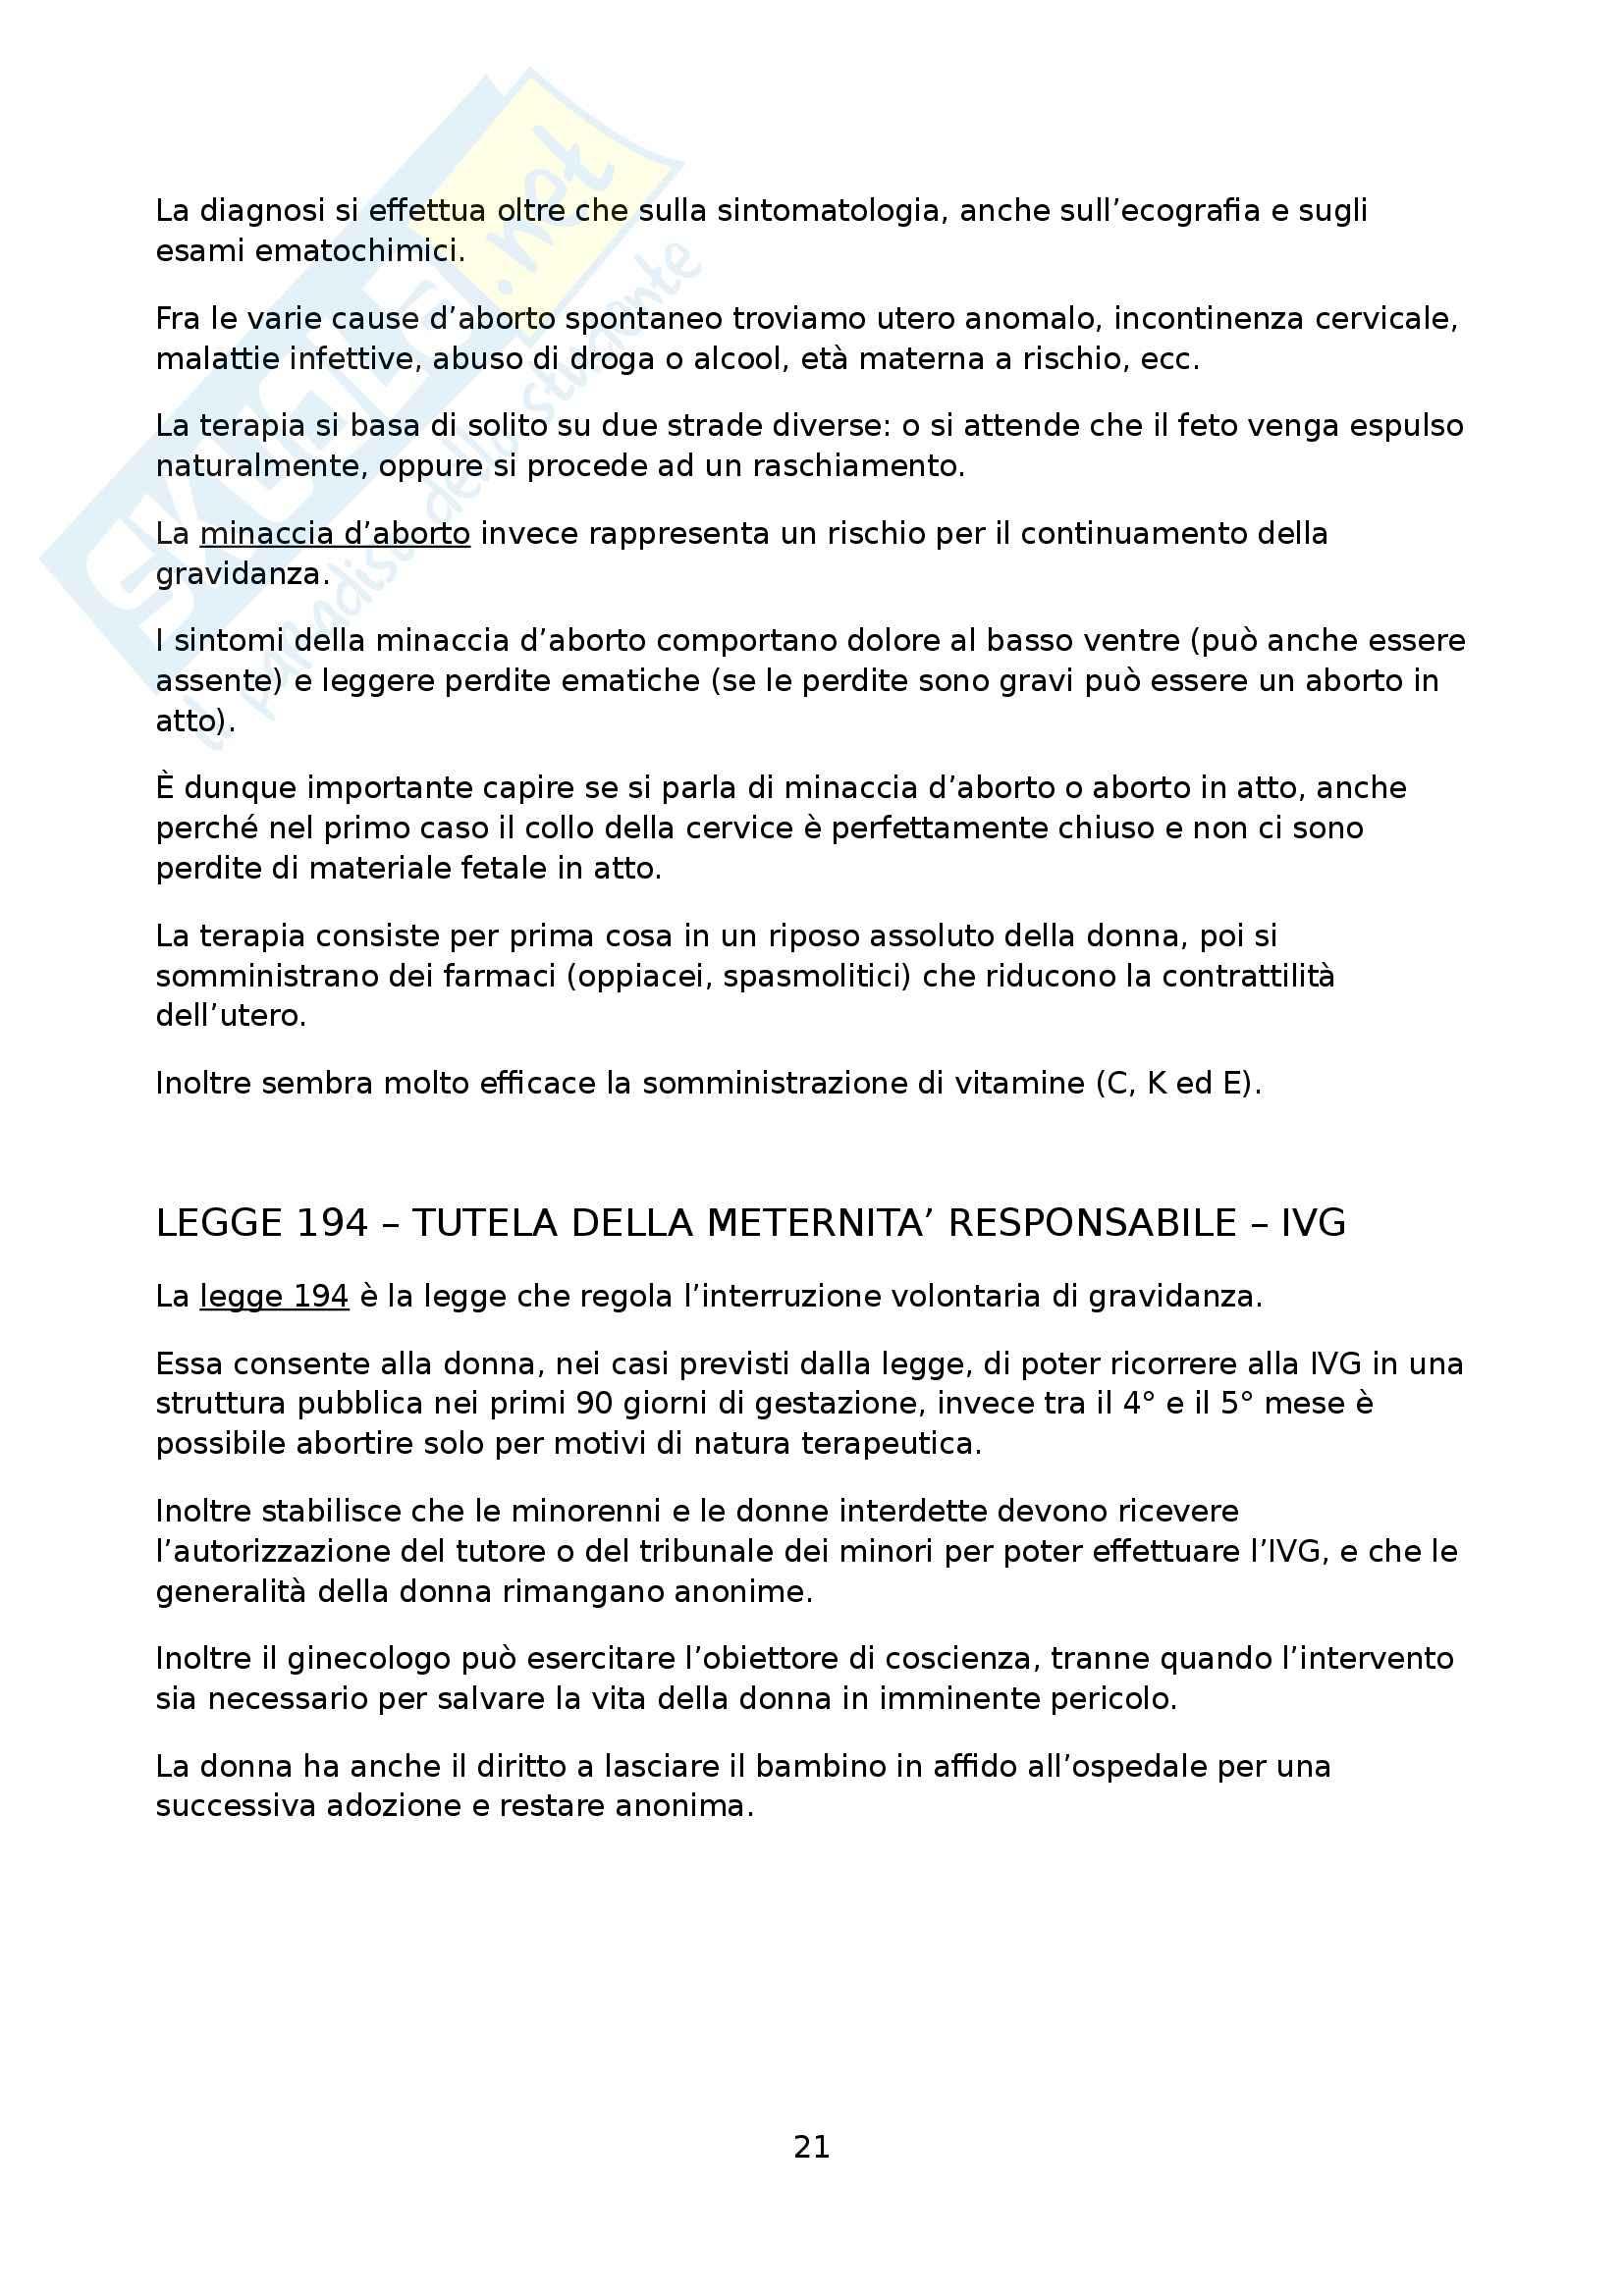 Medicina materno-infantile - Ginecologia ed ostetricia Pag. 21